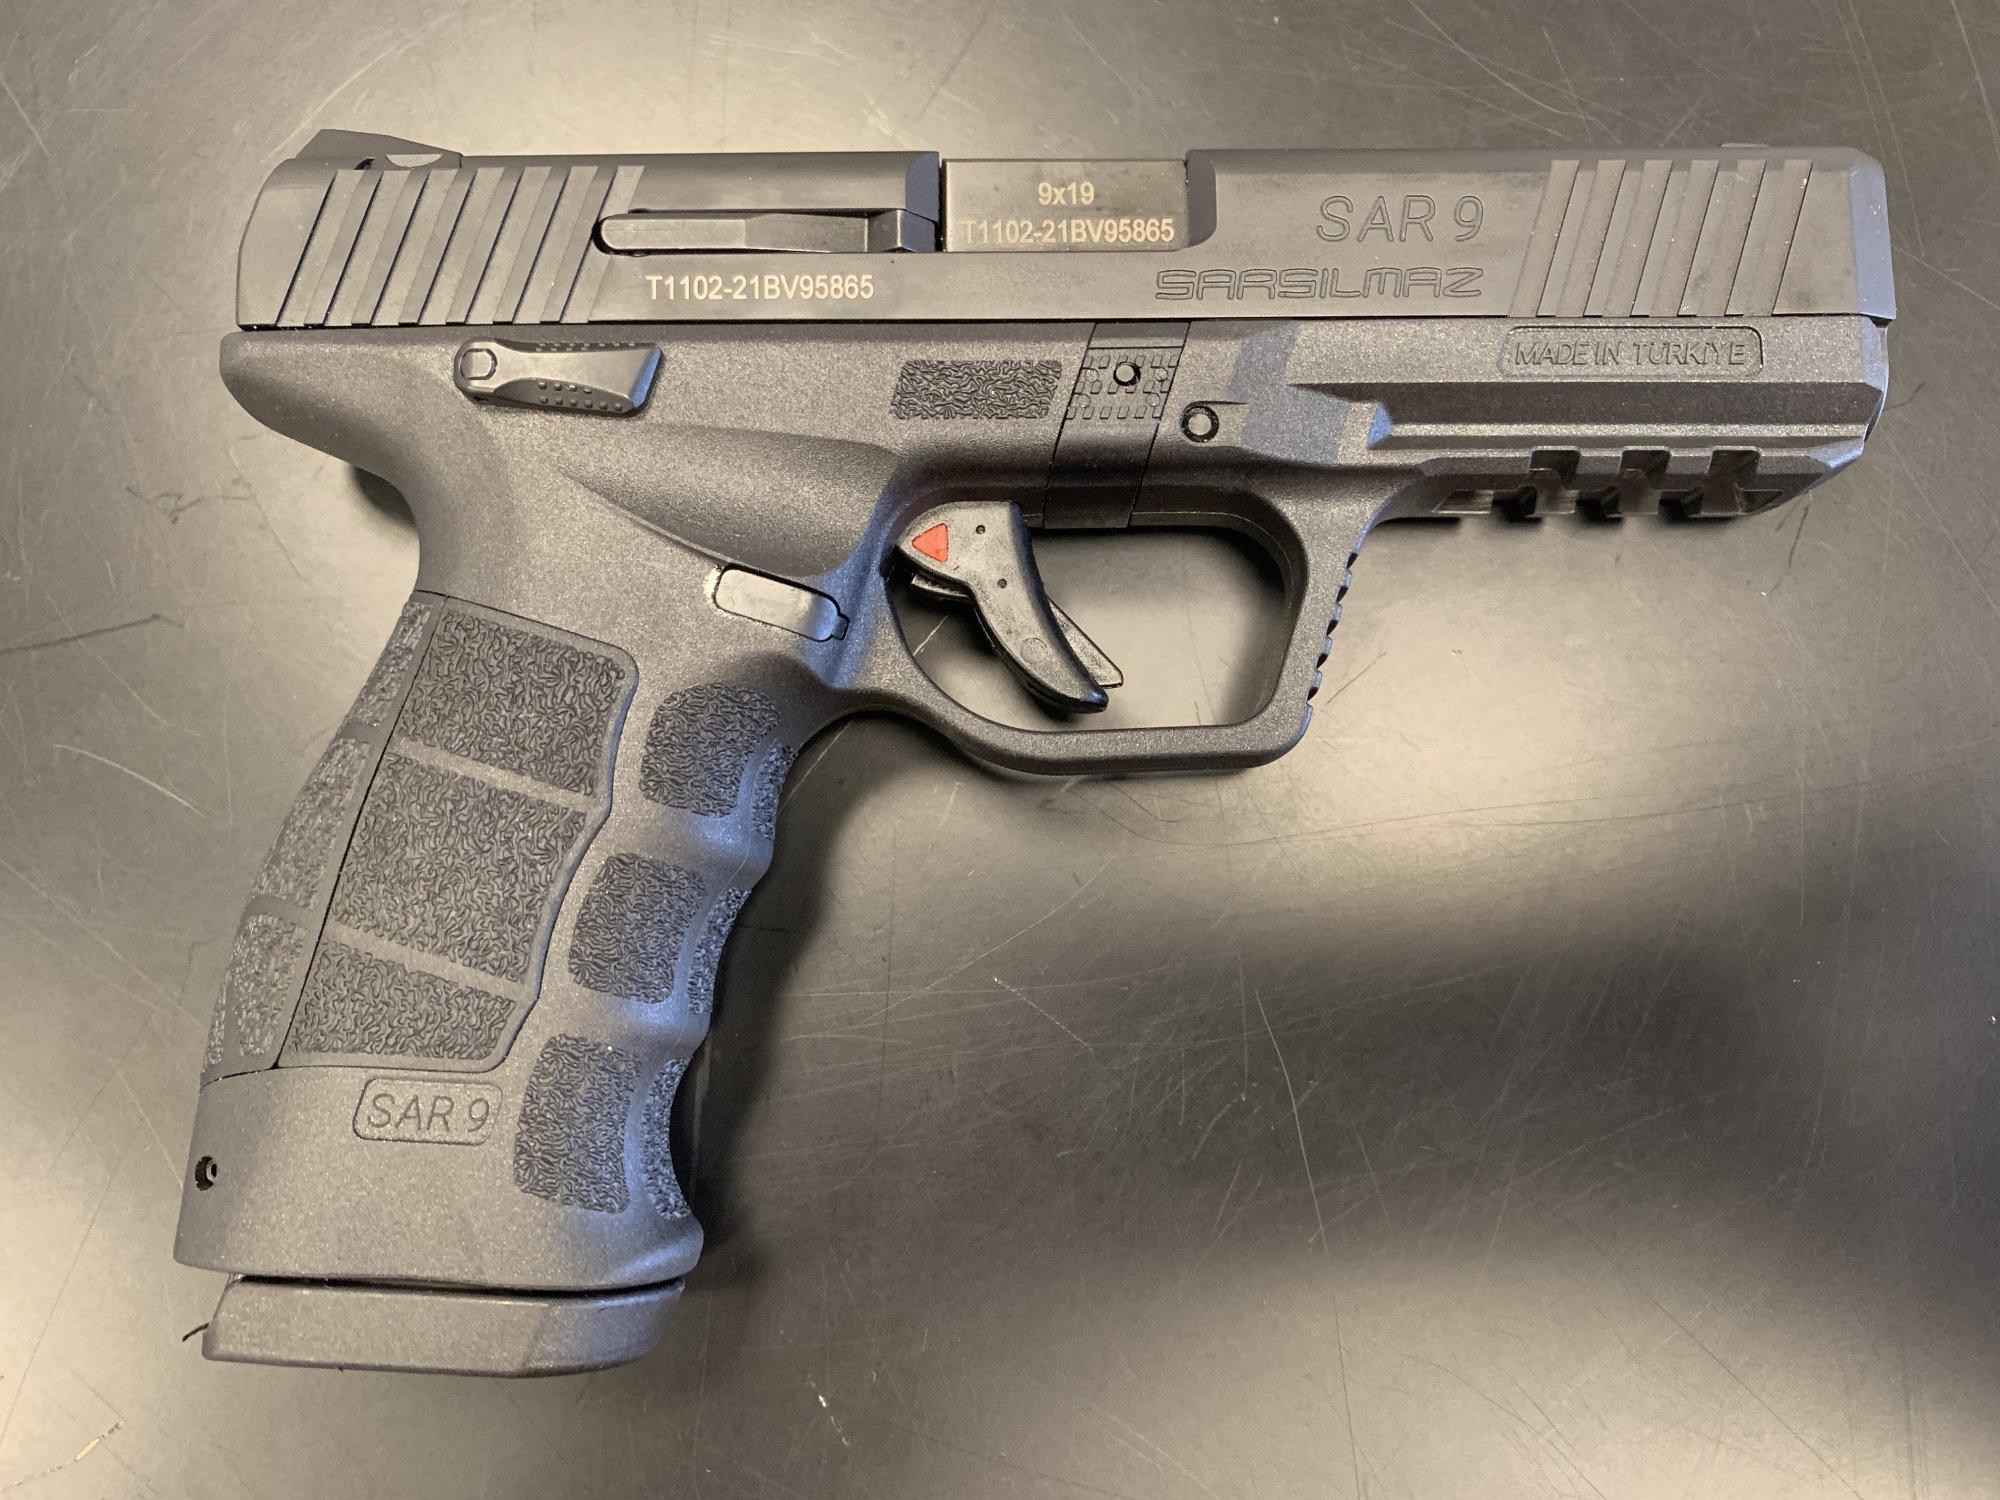 SAR-9 9mm Semi Automatic Pistol - Black